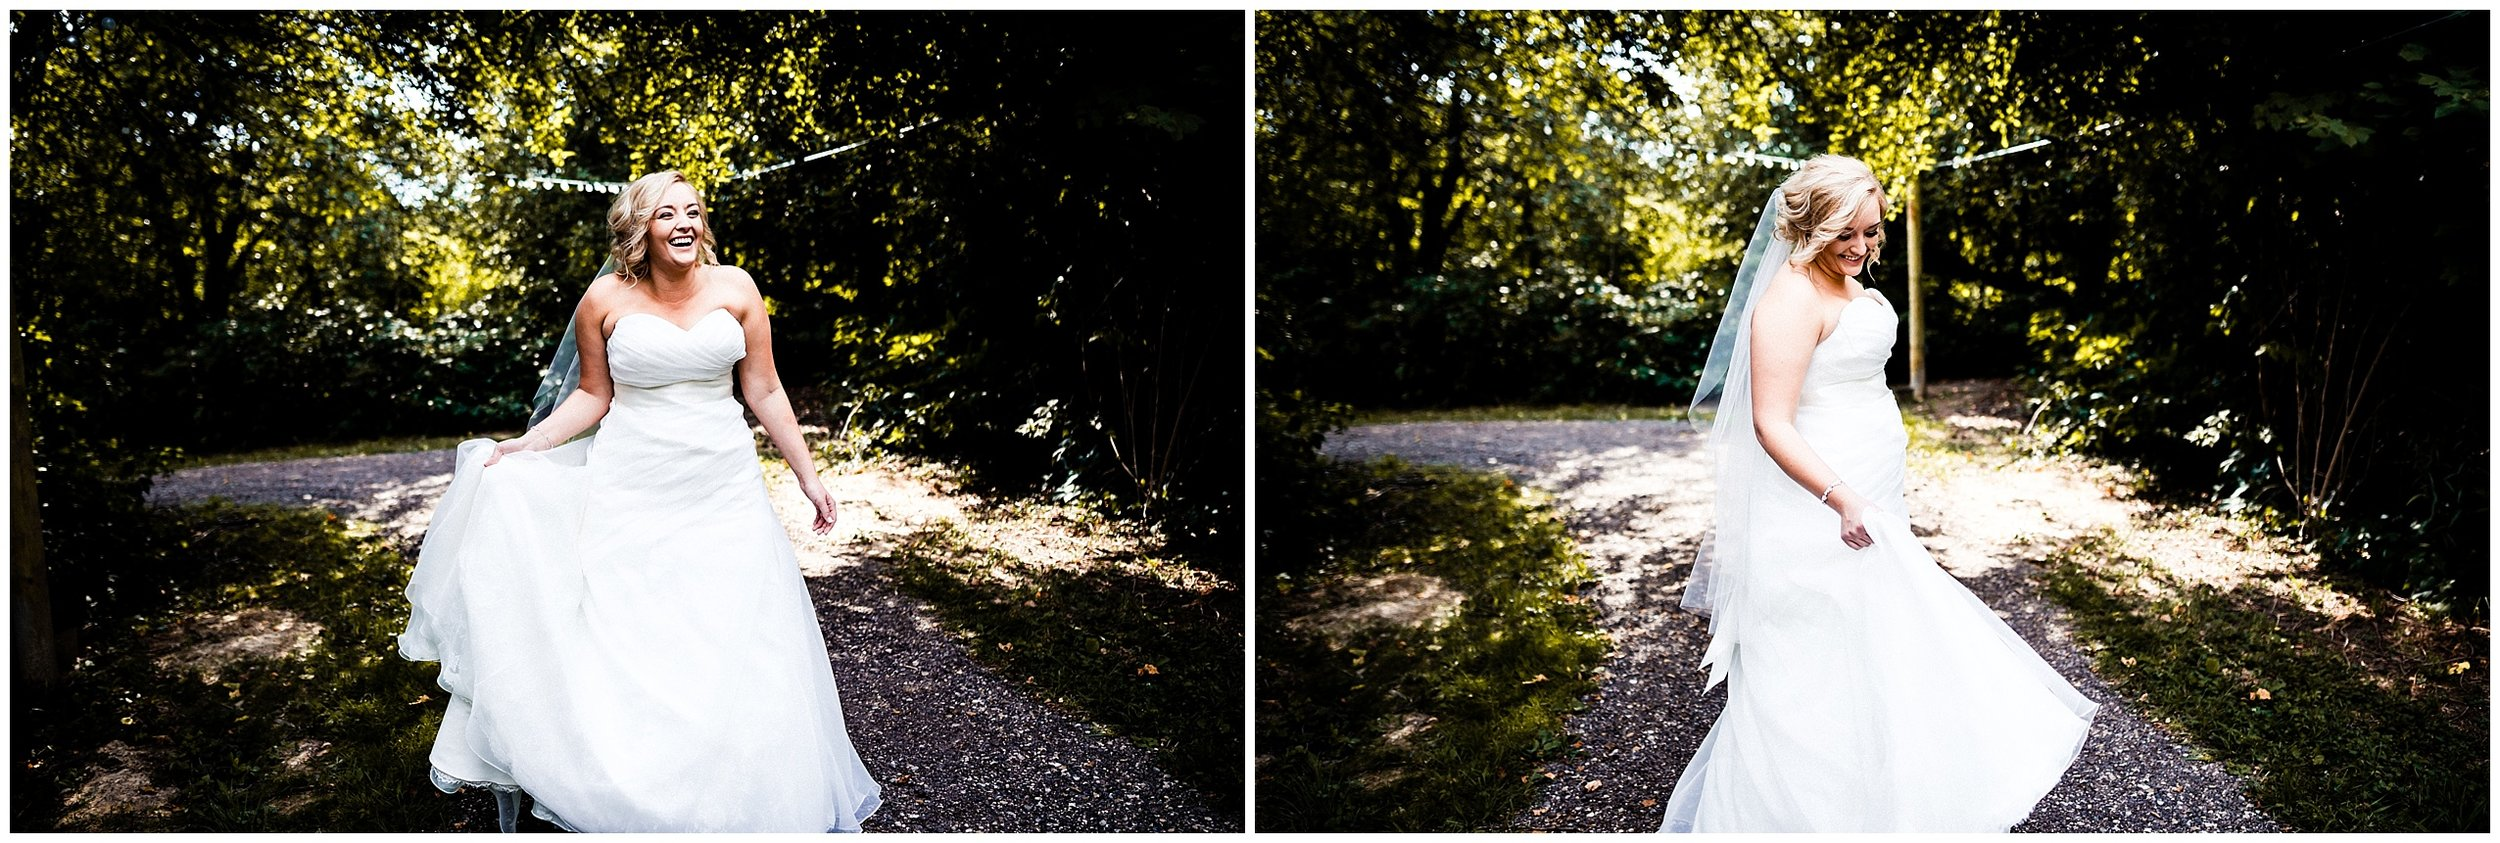 Nate + Rachel | Just Married  #kyleepaigephotography_0593.jpg